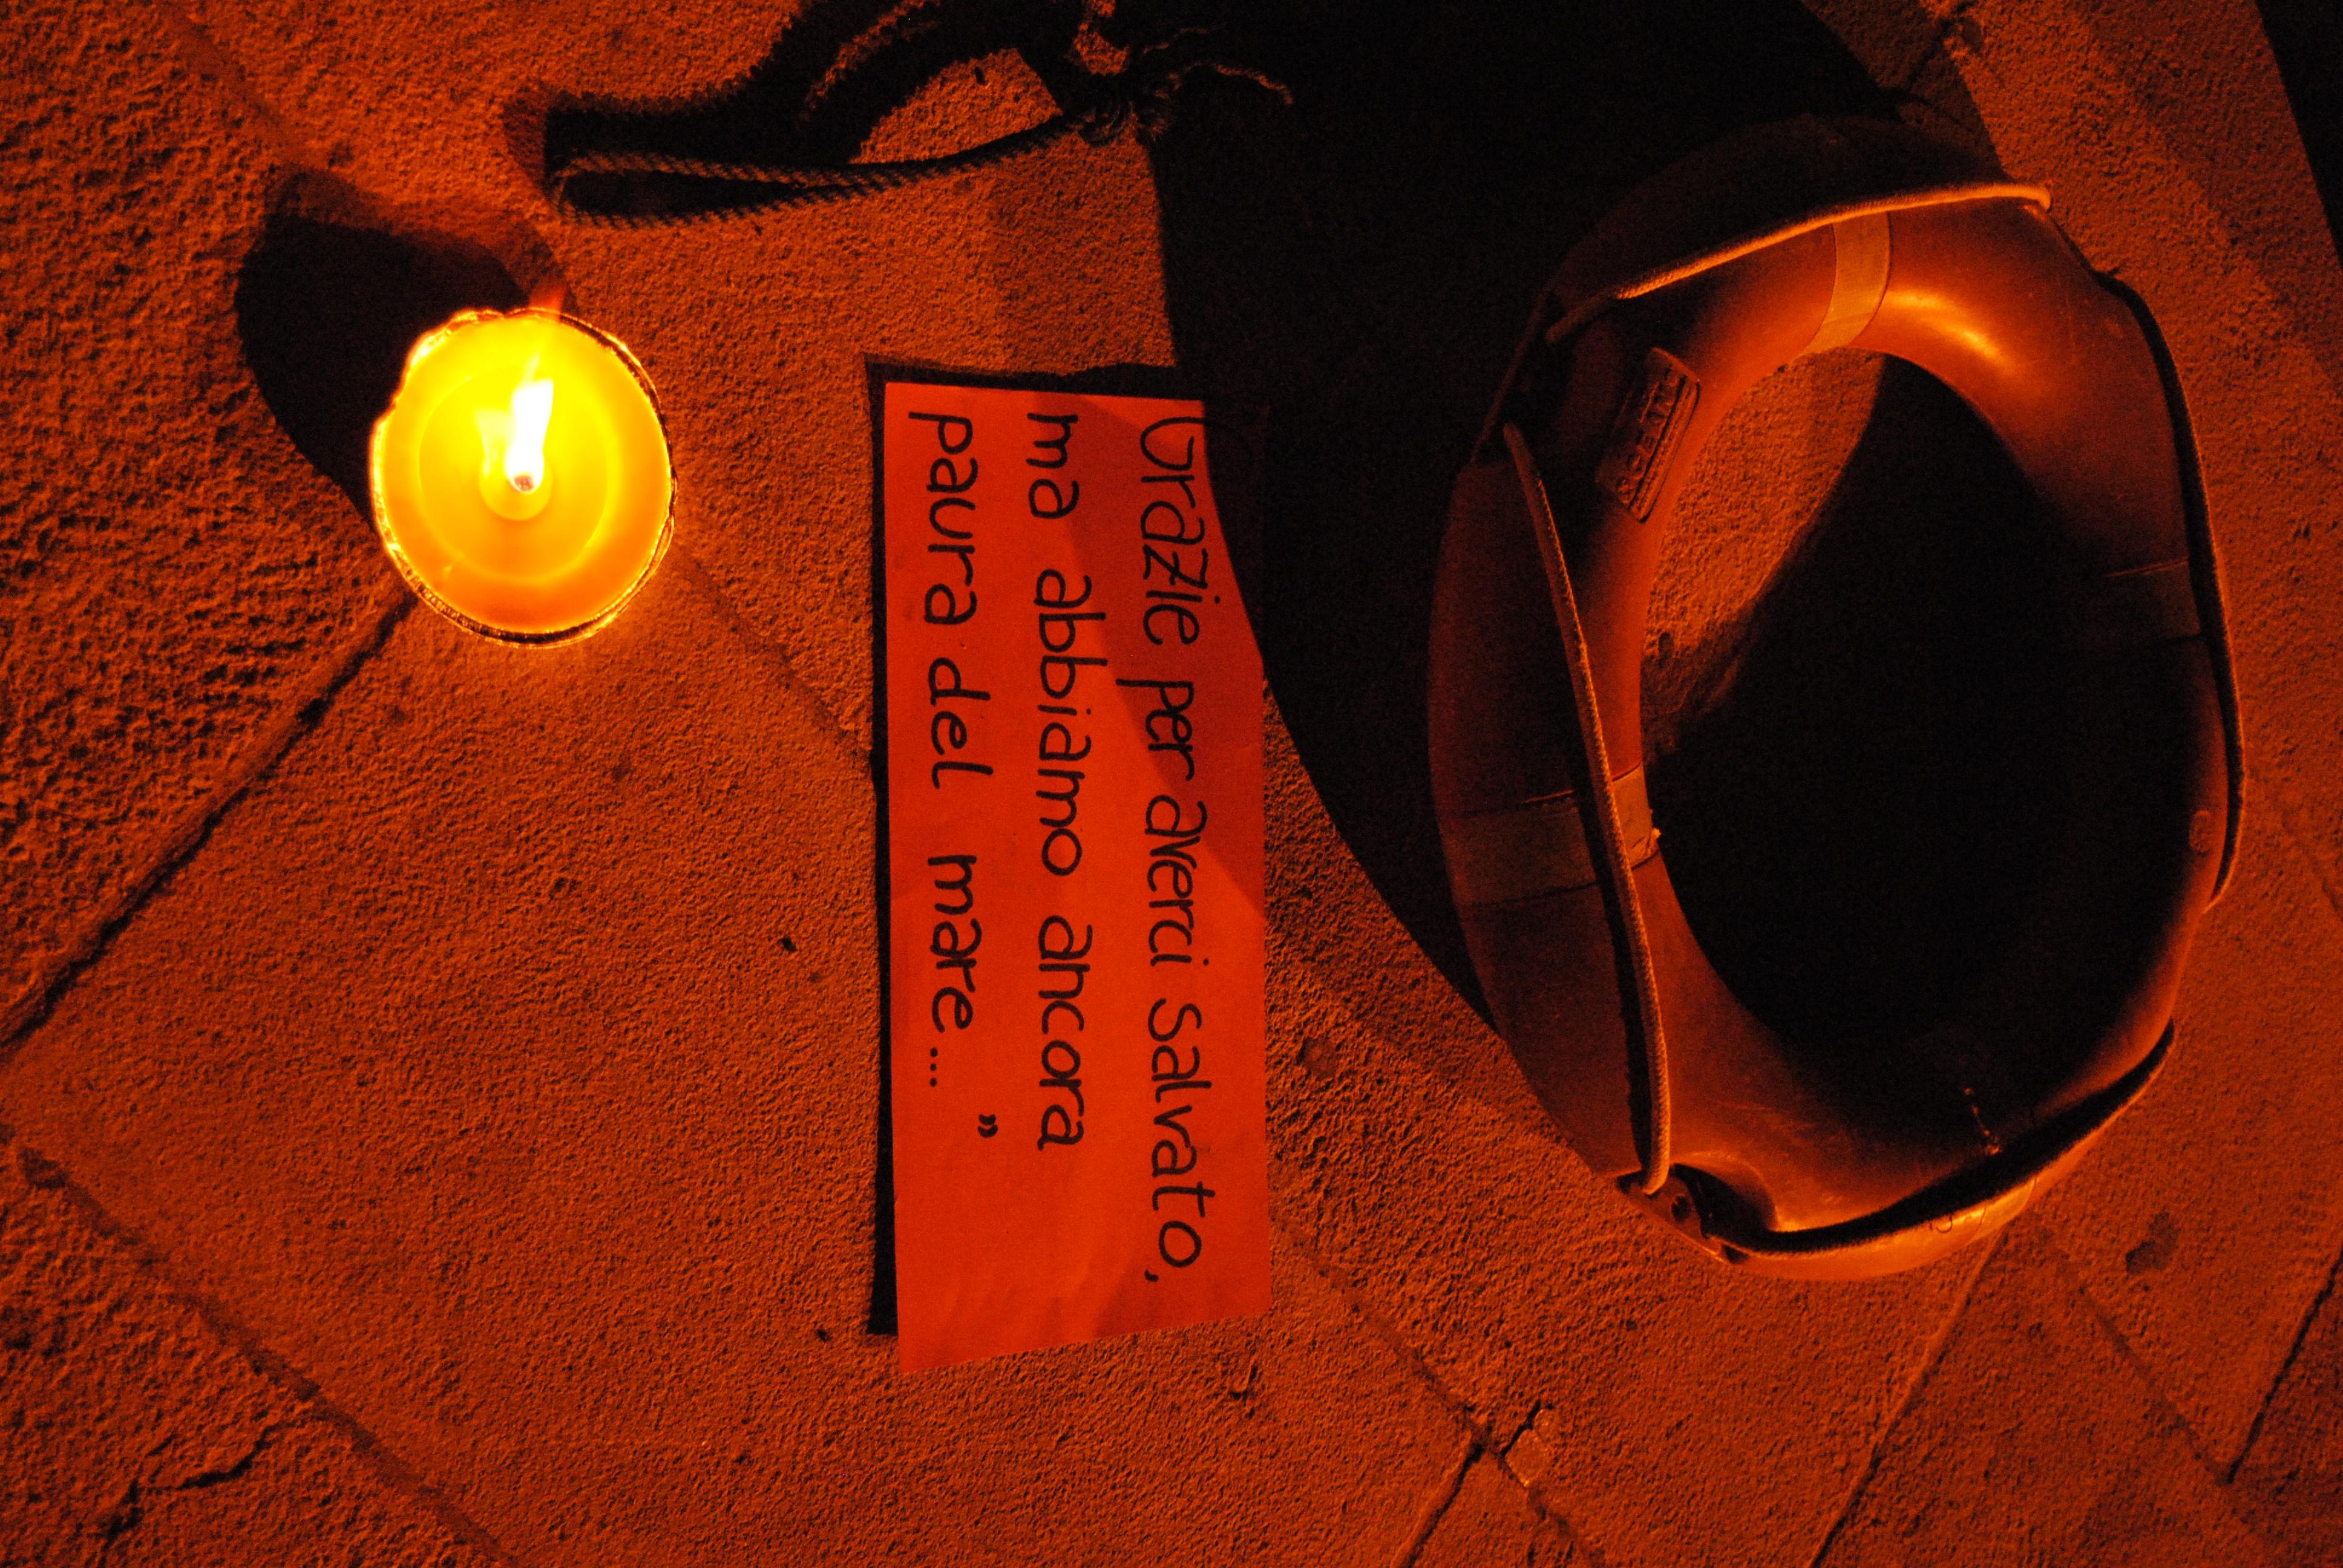 08 luglio 2014 - Sbarchi